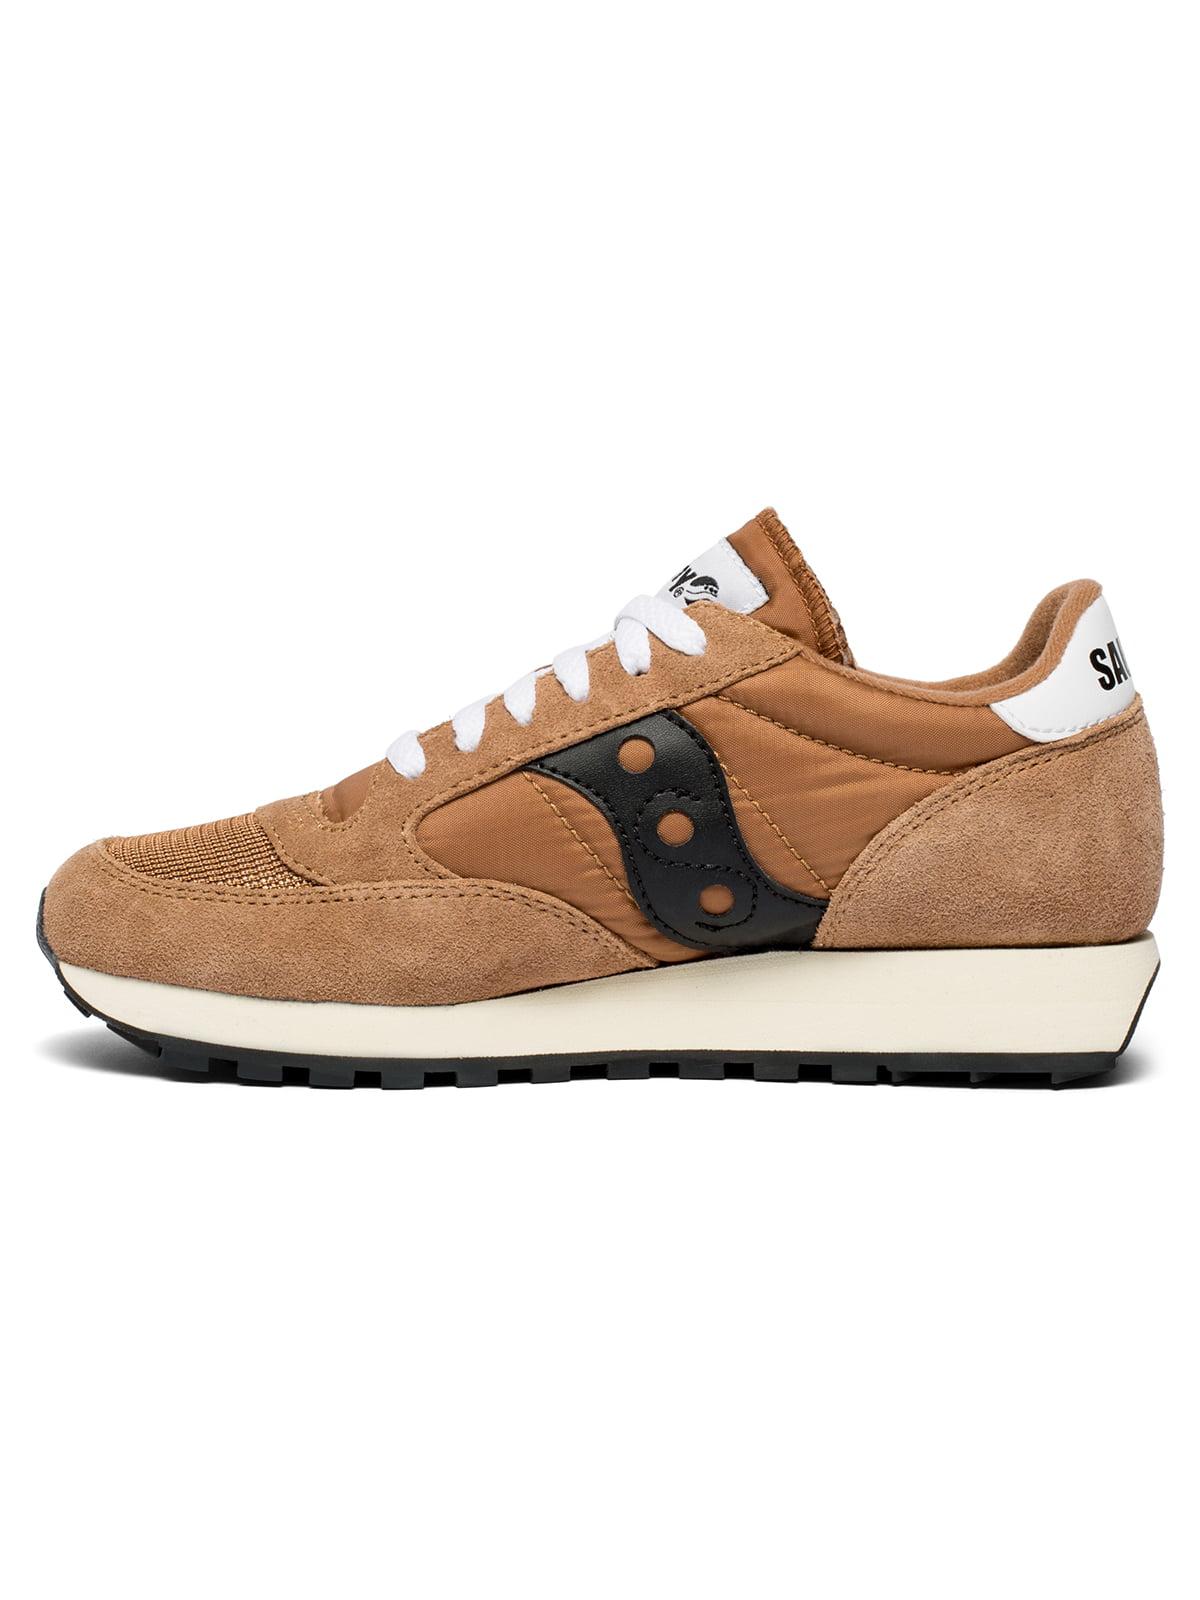 Кросівки коричневі | 4920804 | фото 2